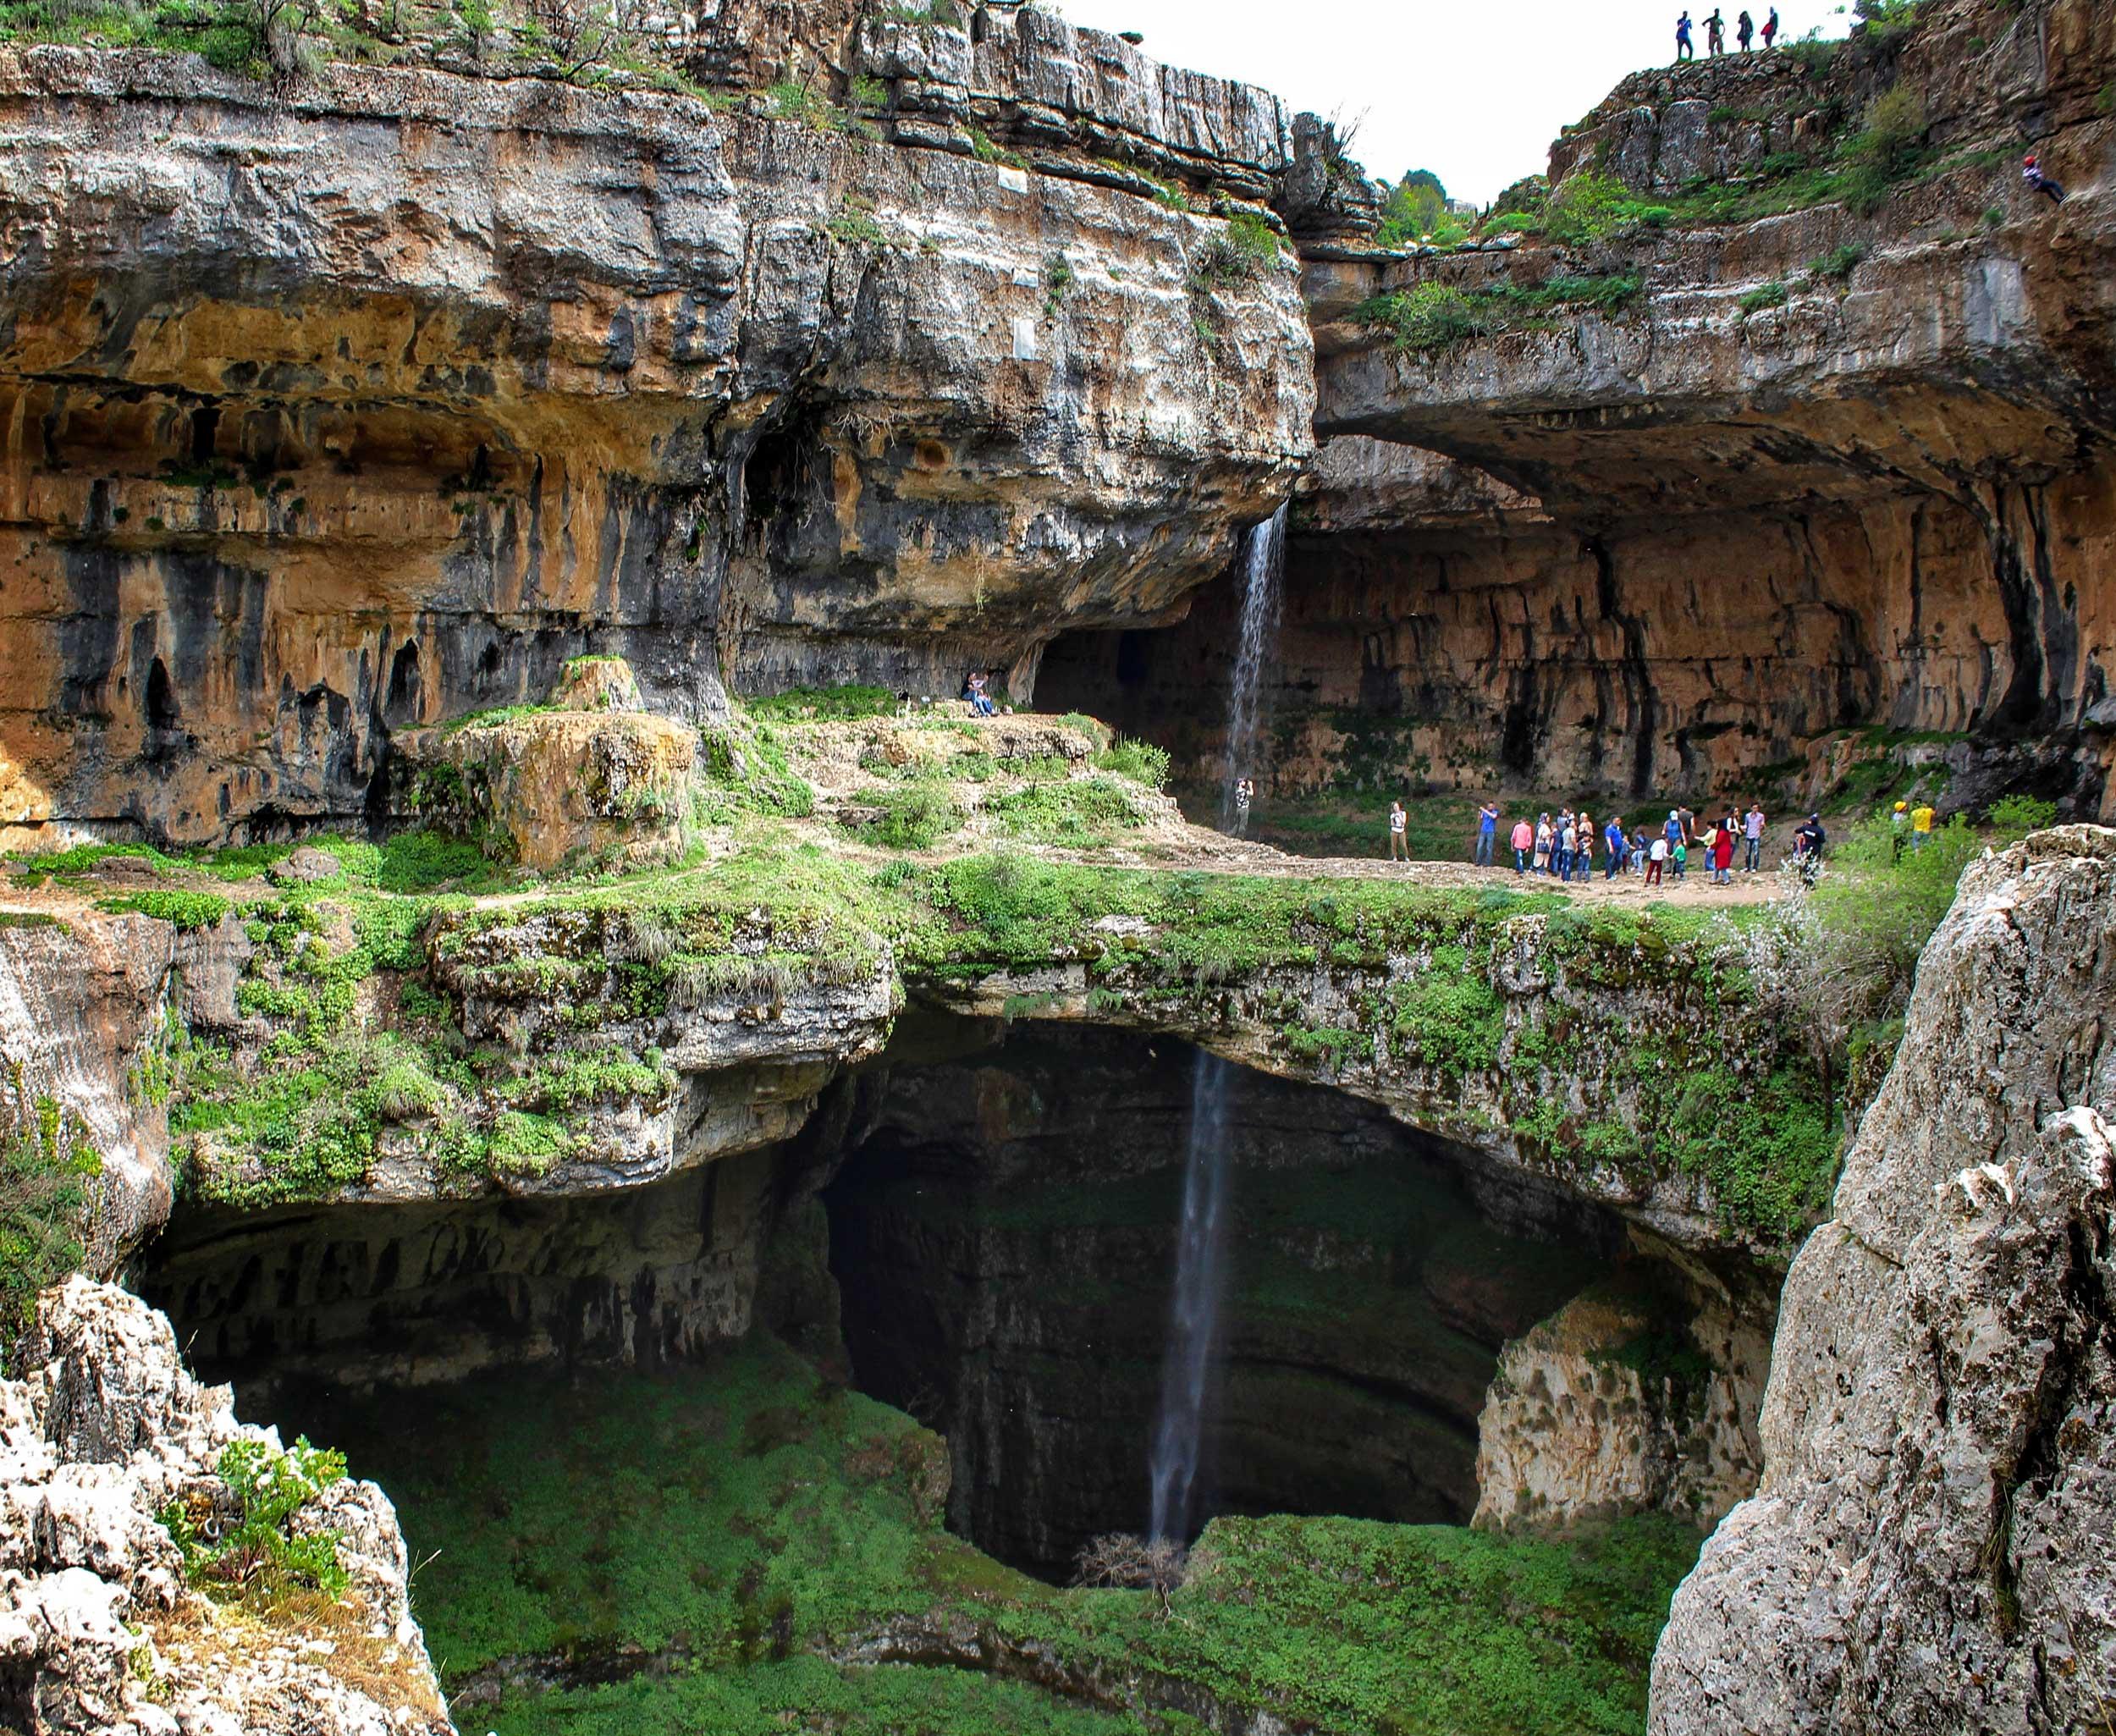 5-epic-waterfalls-to-visit in-lebanon-baatara-batroun-lebanon-travel